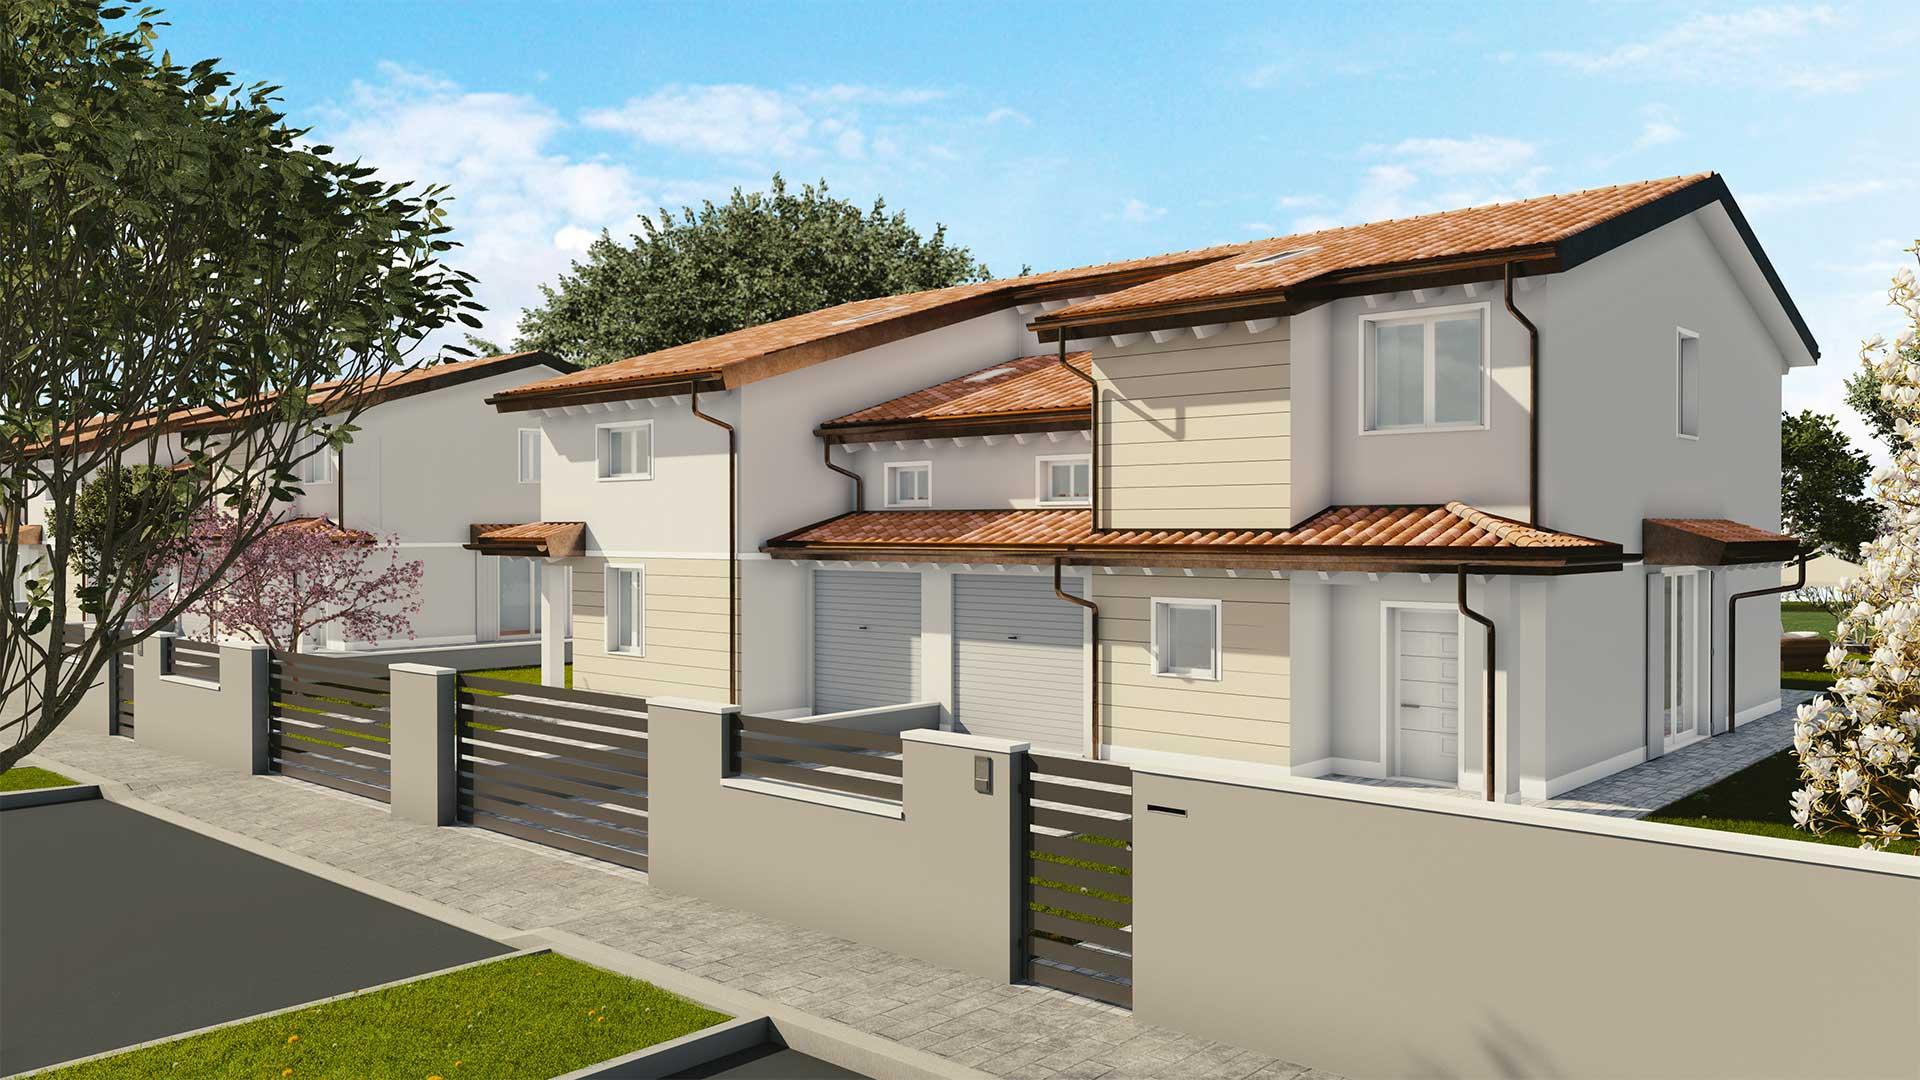 Fronte nuove case bifamigliari Mirandola